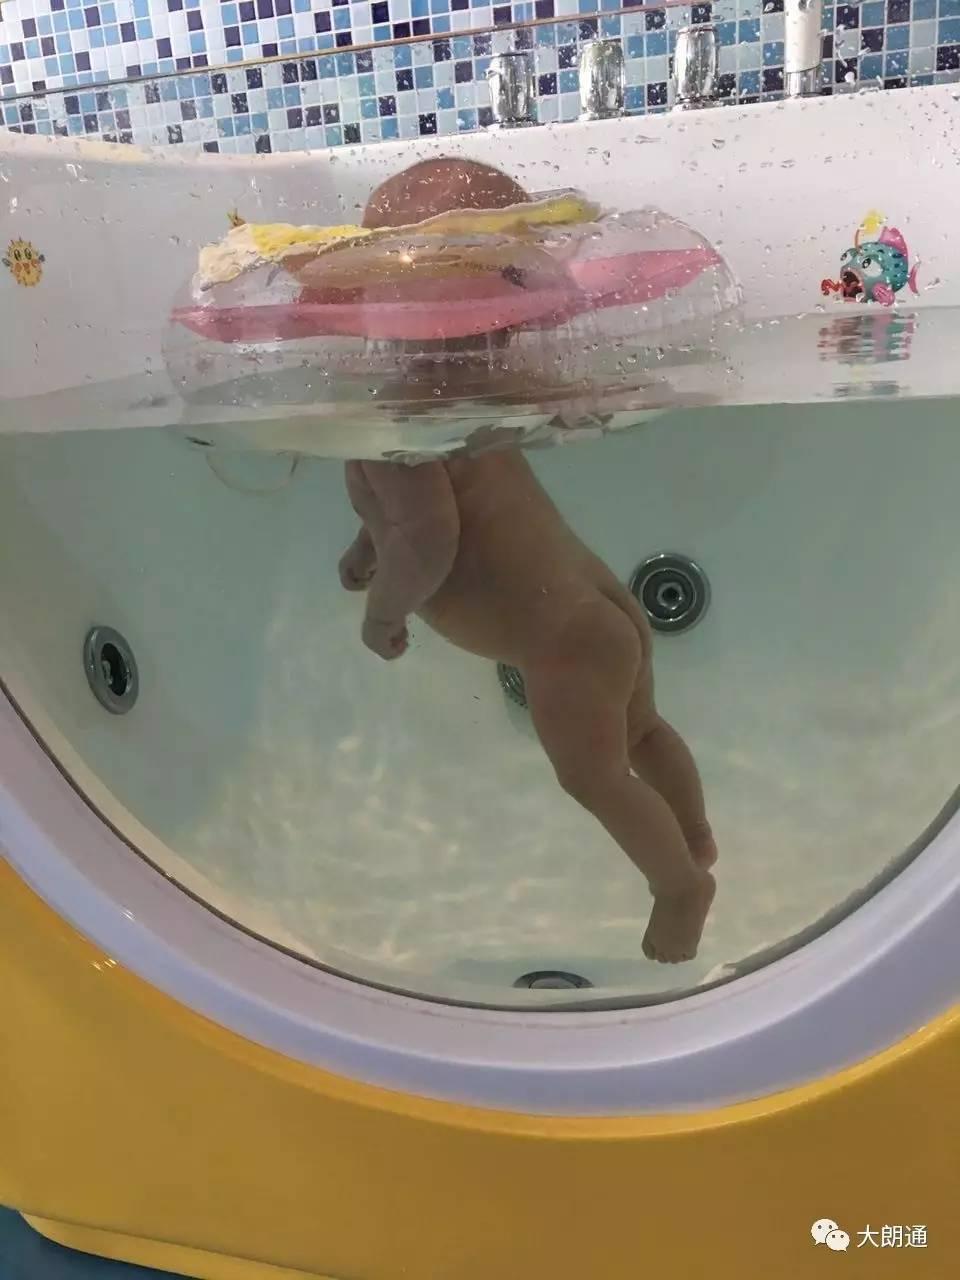 60元3次婴儿游泳 大朗这家婴儿游泳馆,连折衣服的姐姐都是医护人员